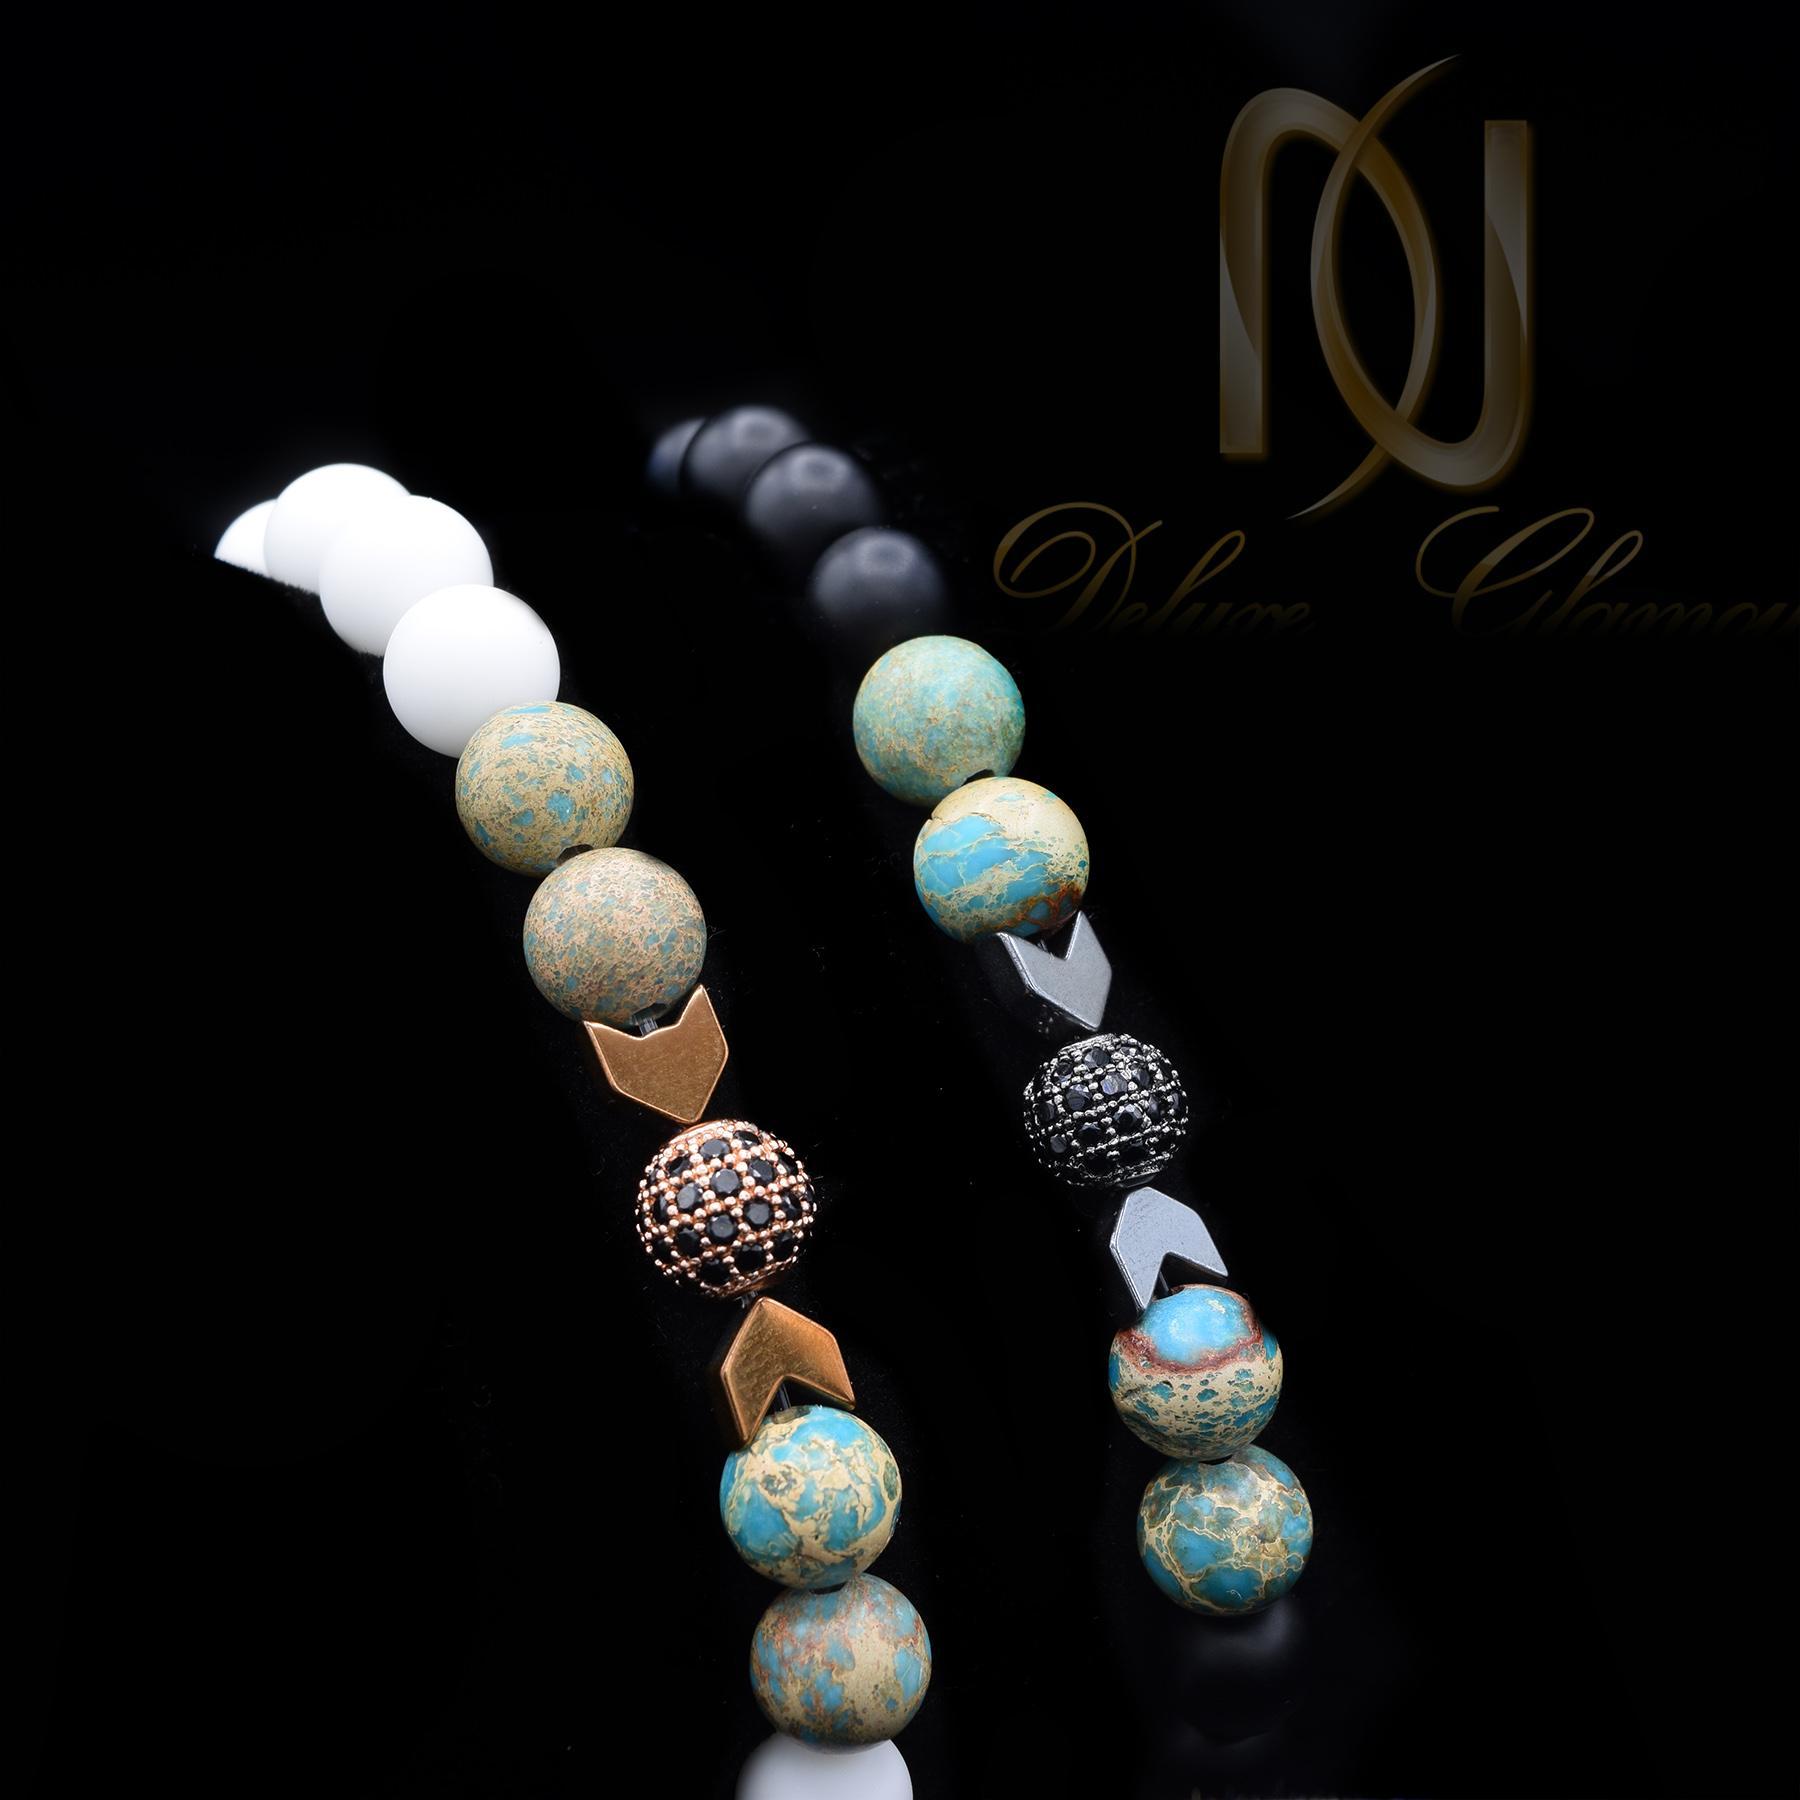 ست دستبند عاشقانه سنگی اسپرت za-n101 از نمای مشکی